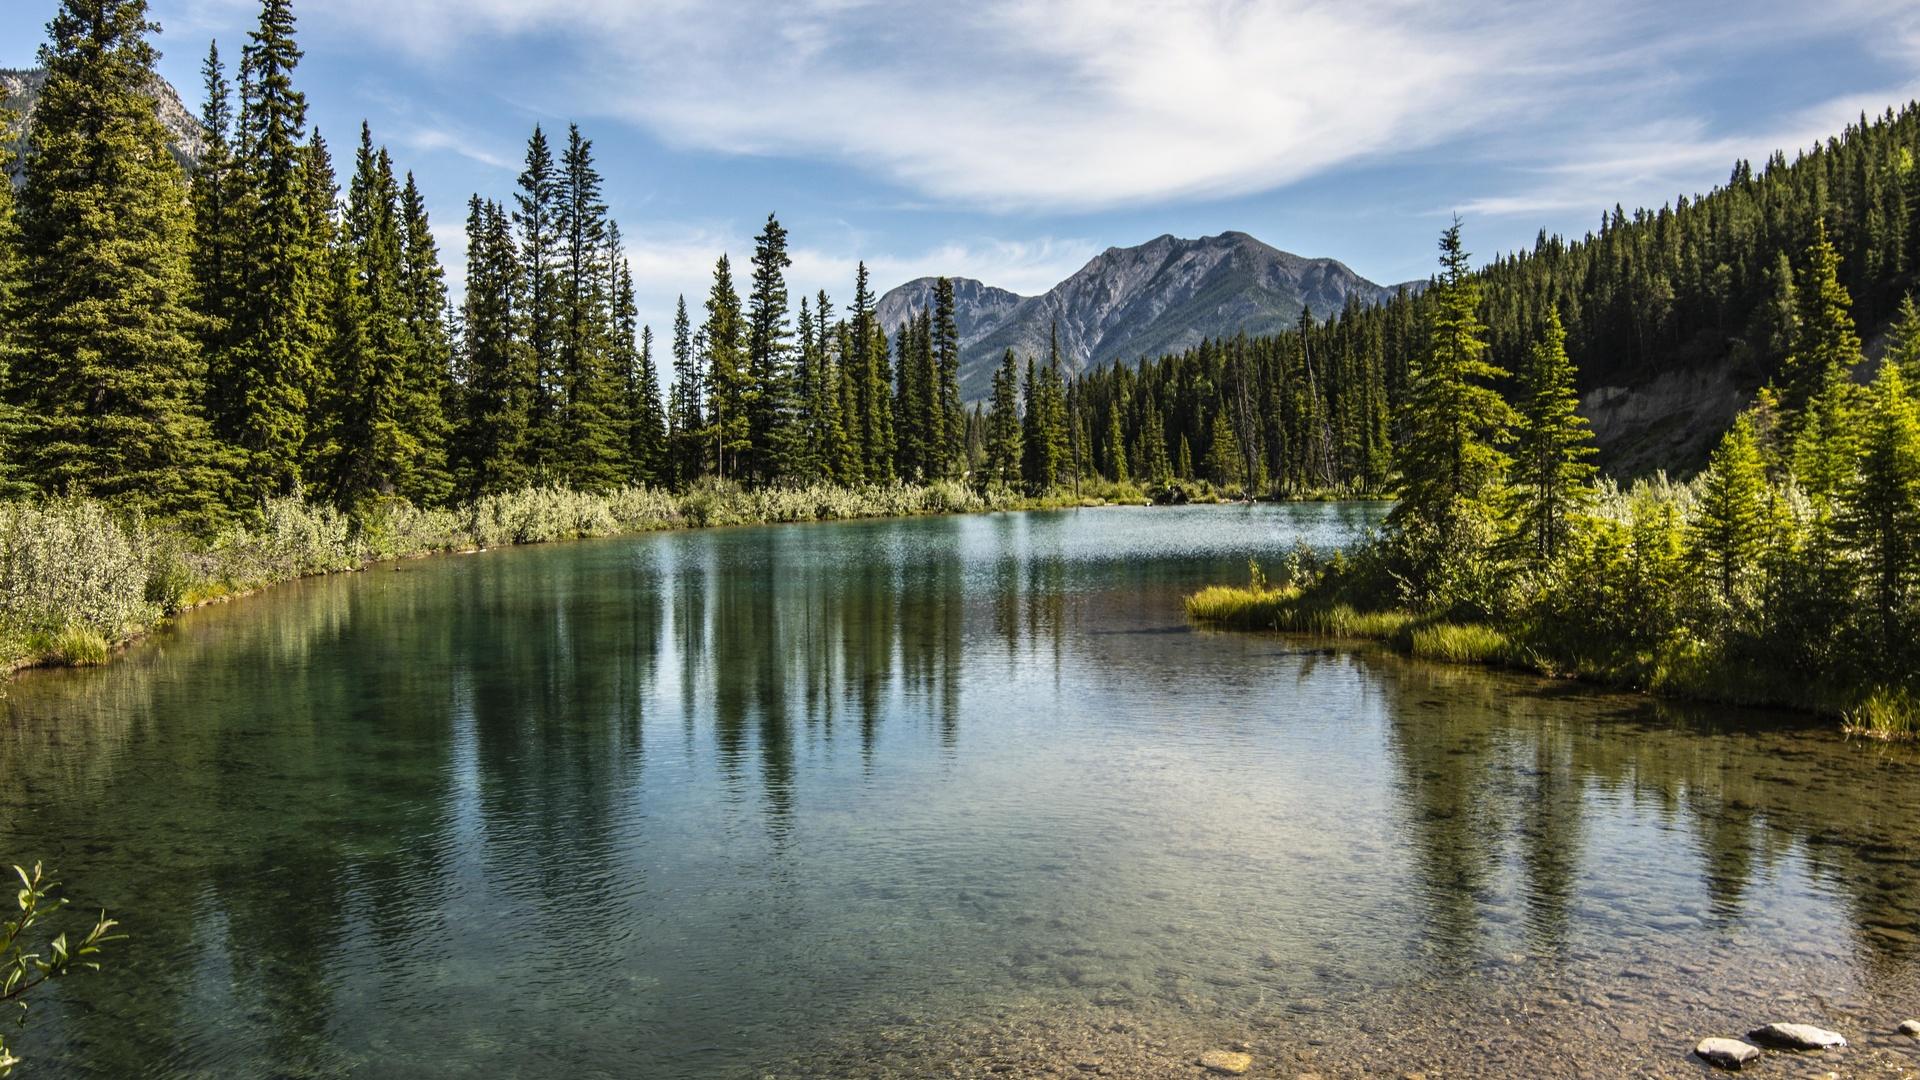 горы, пики, озеро, лес, деревья